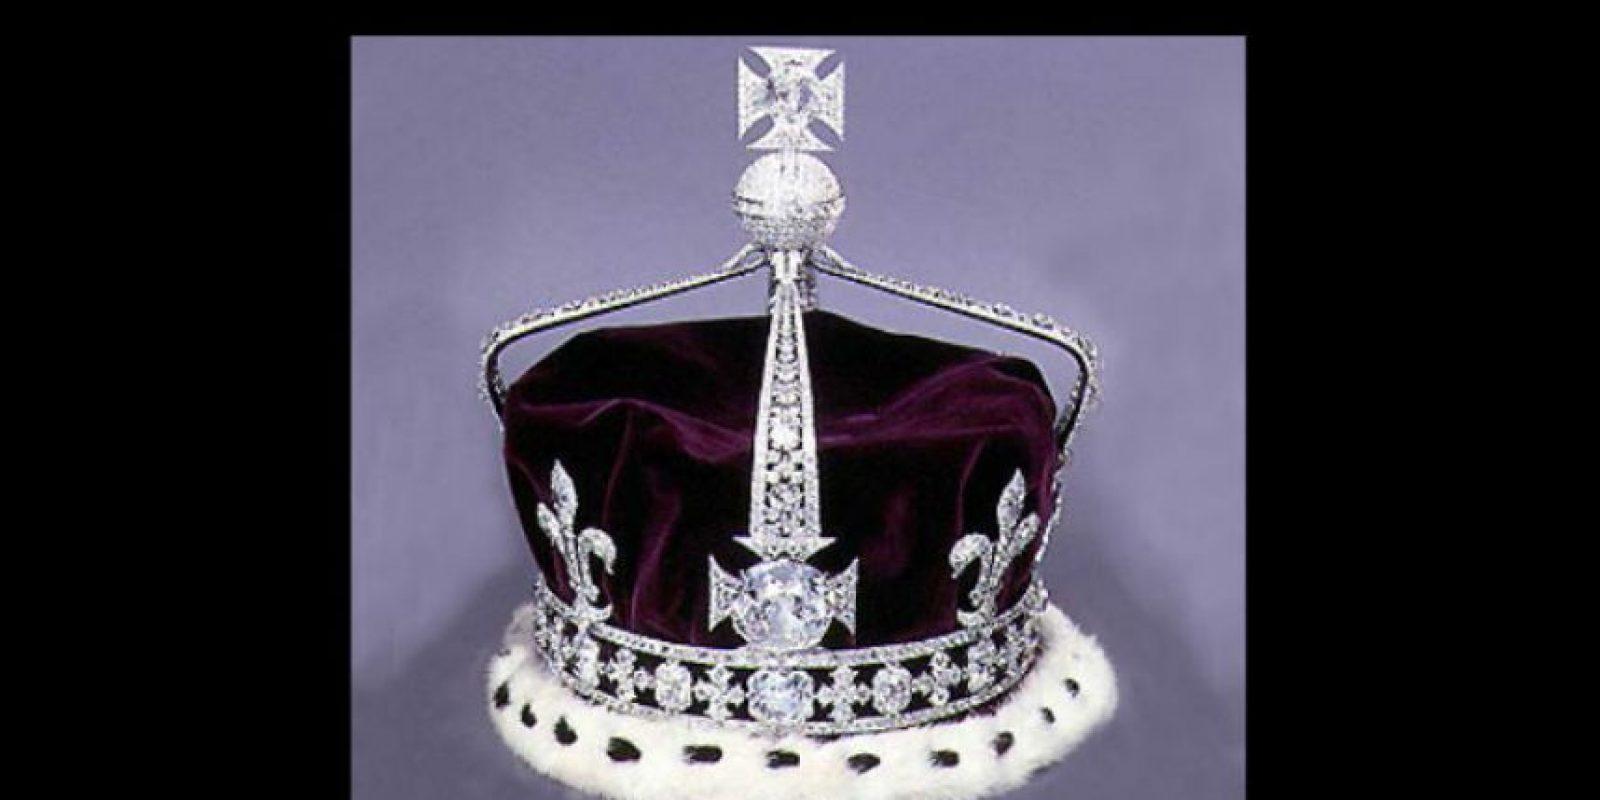 Ciudadanos de la India están solicitando a la realeza británica que lo devuelva. Foto:Vía royal.gov.uk